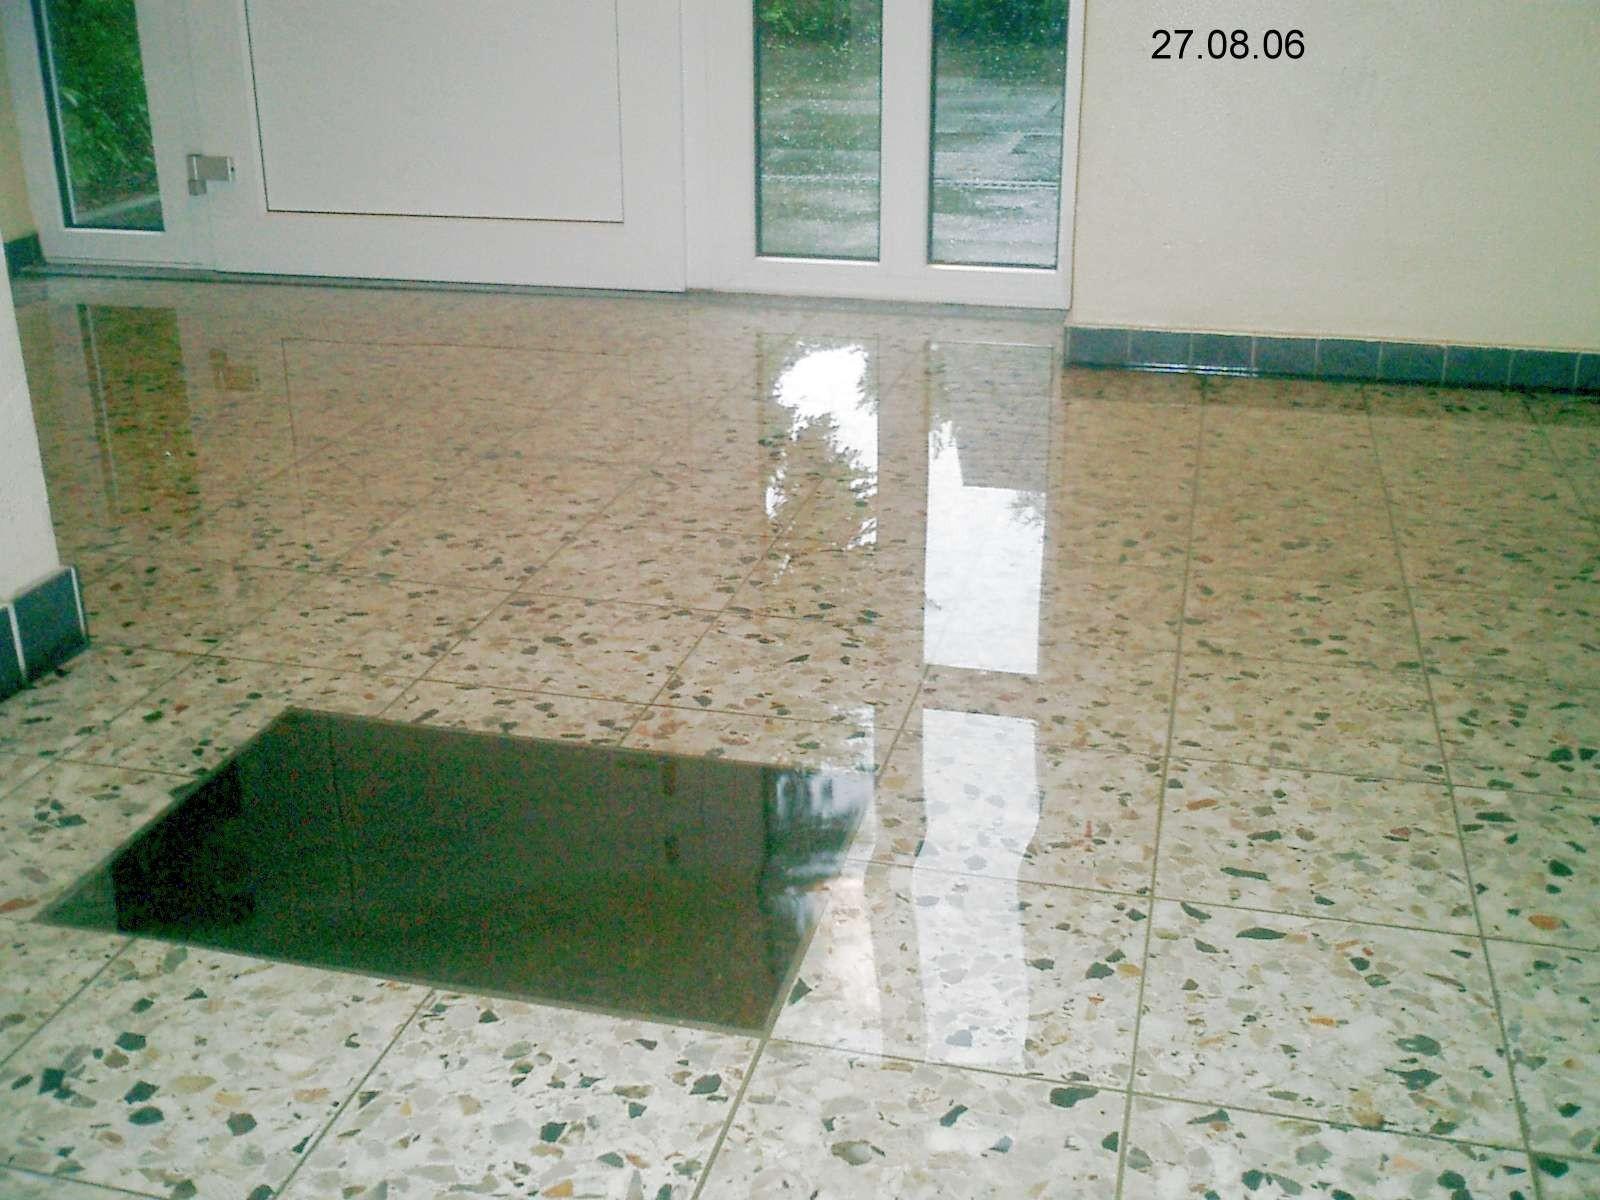 Wassereinbrüche im Wohngebäude (Defekte Drainage)